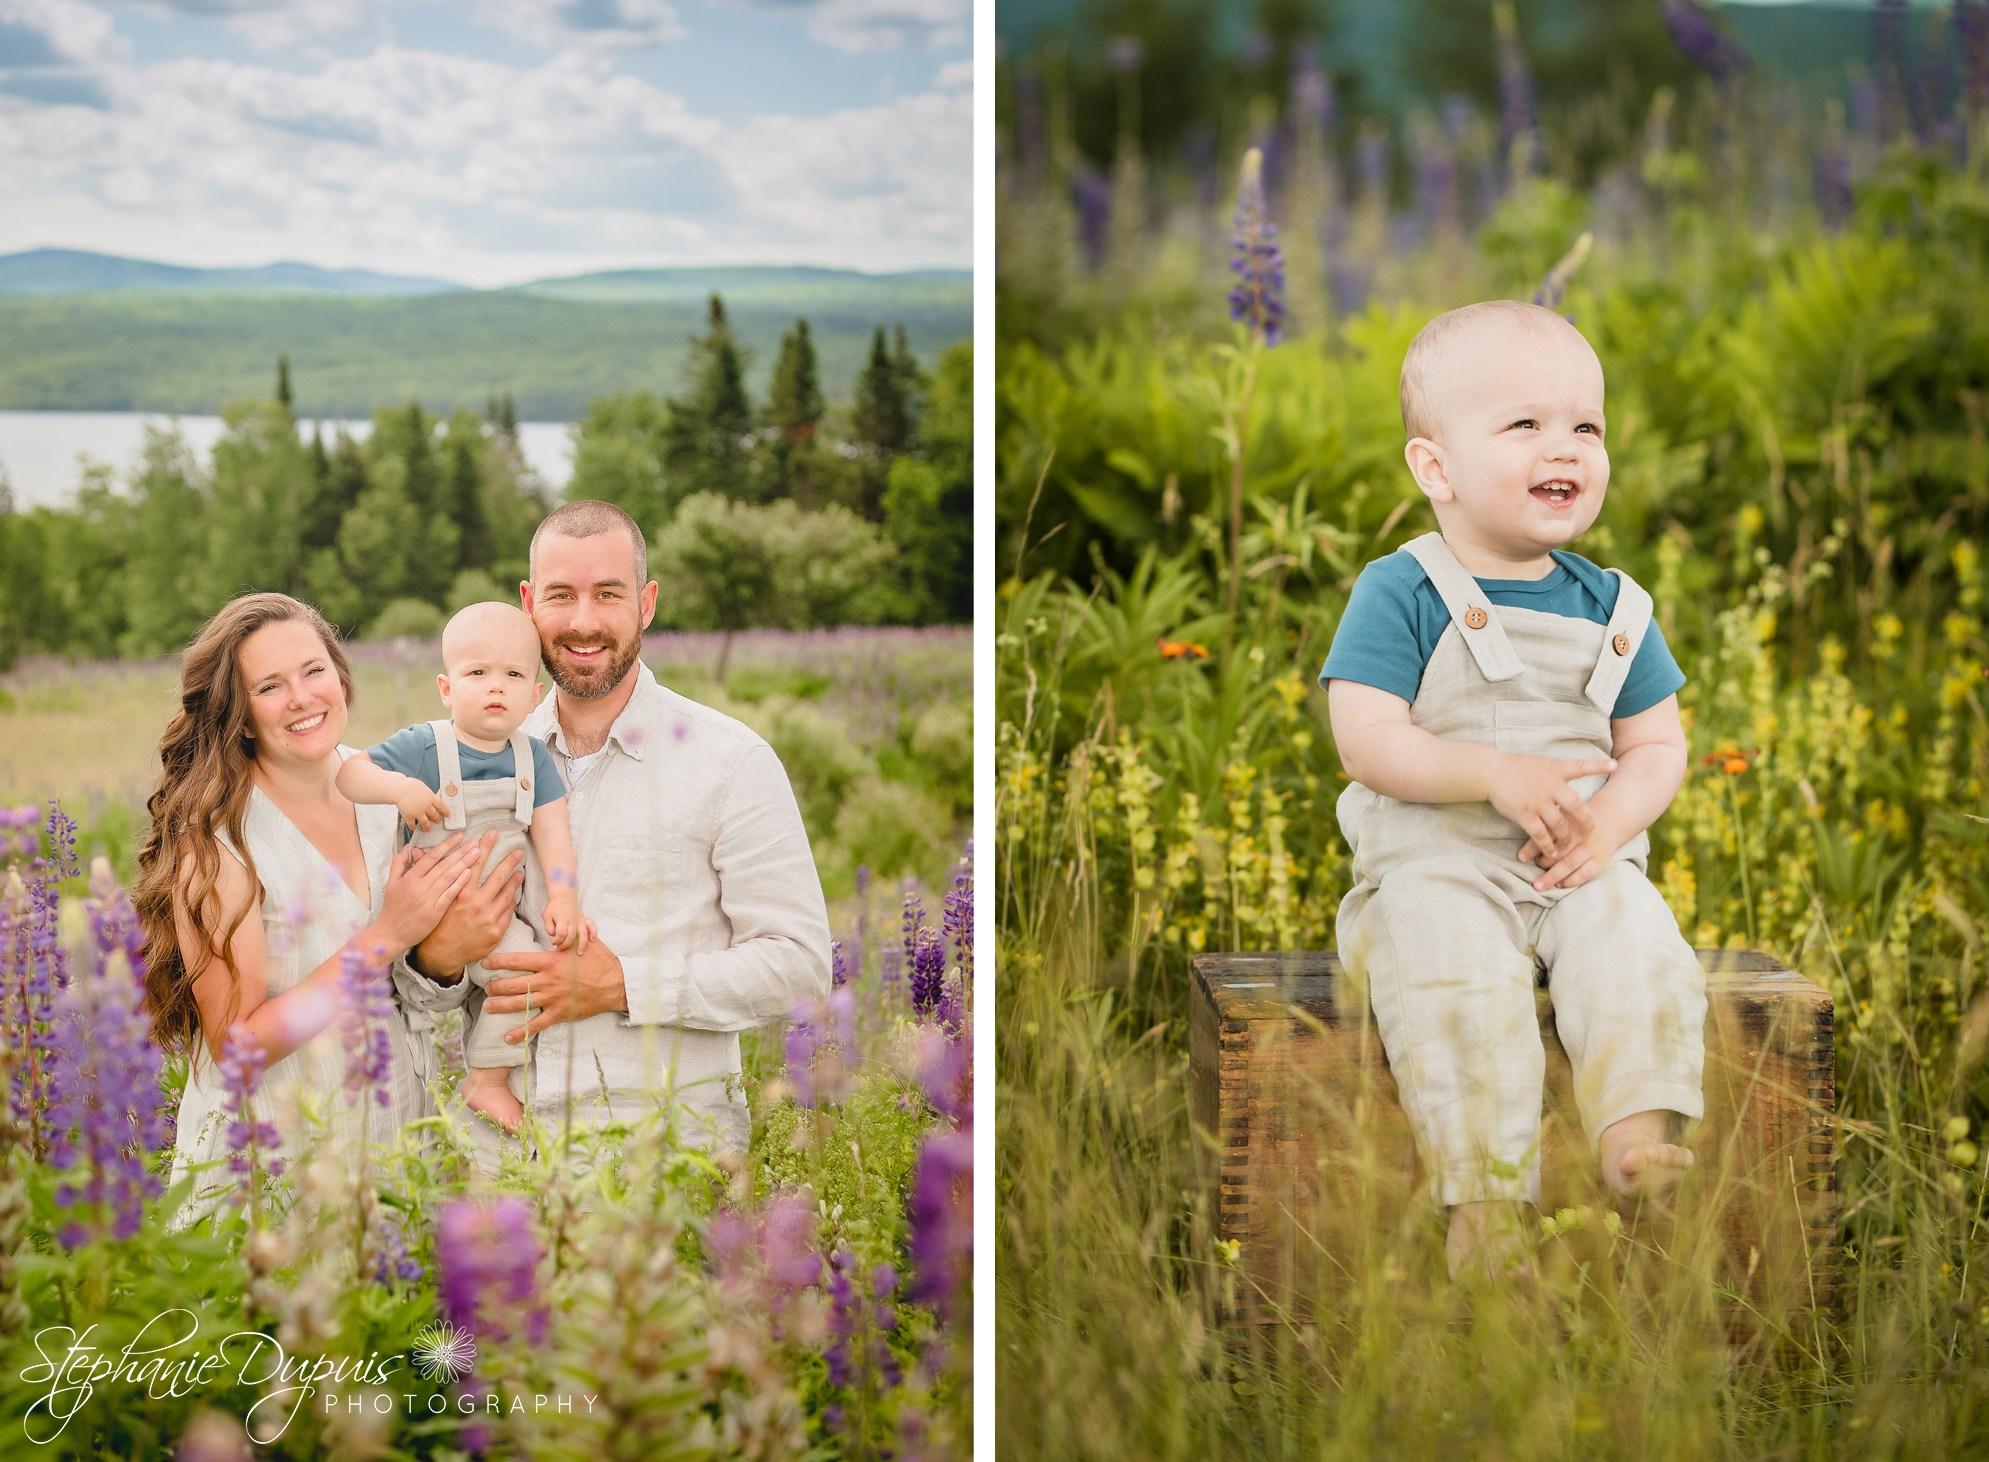 Giroux Double Portrait 1 - Portfolio: Giroux Family Session